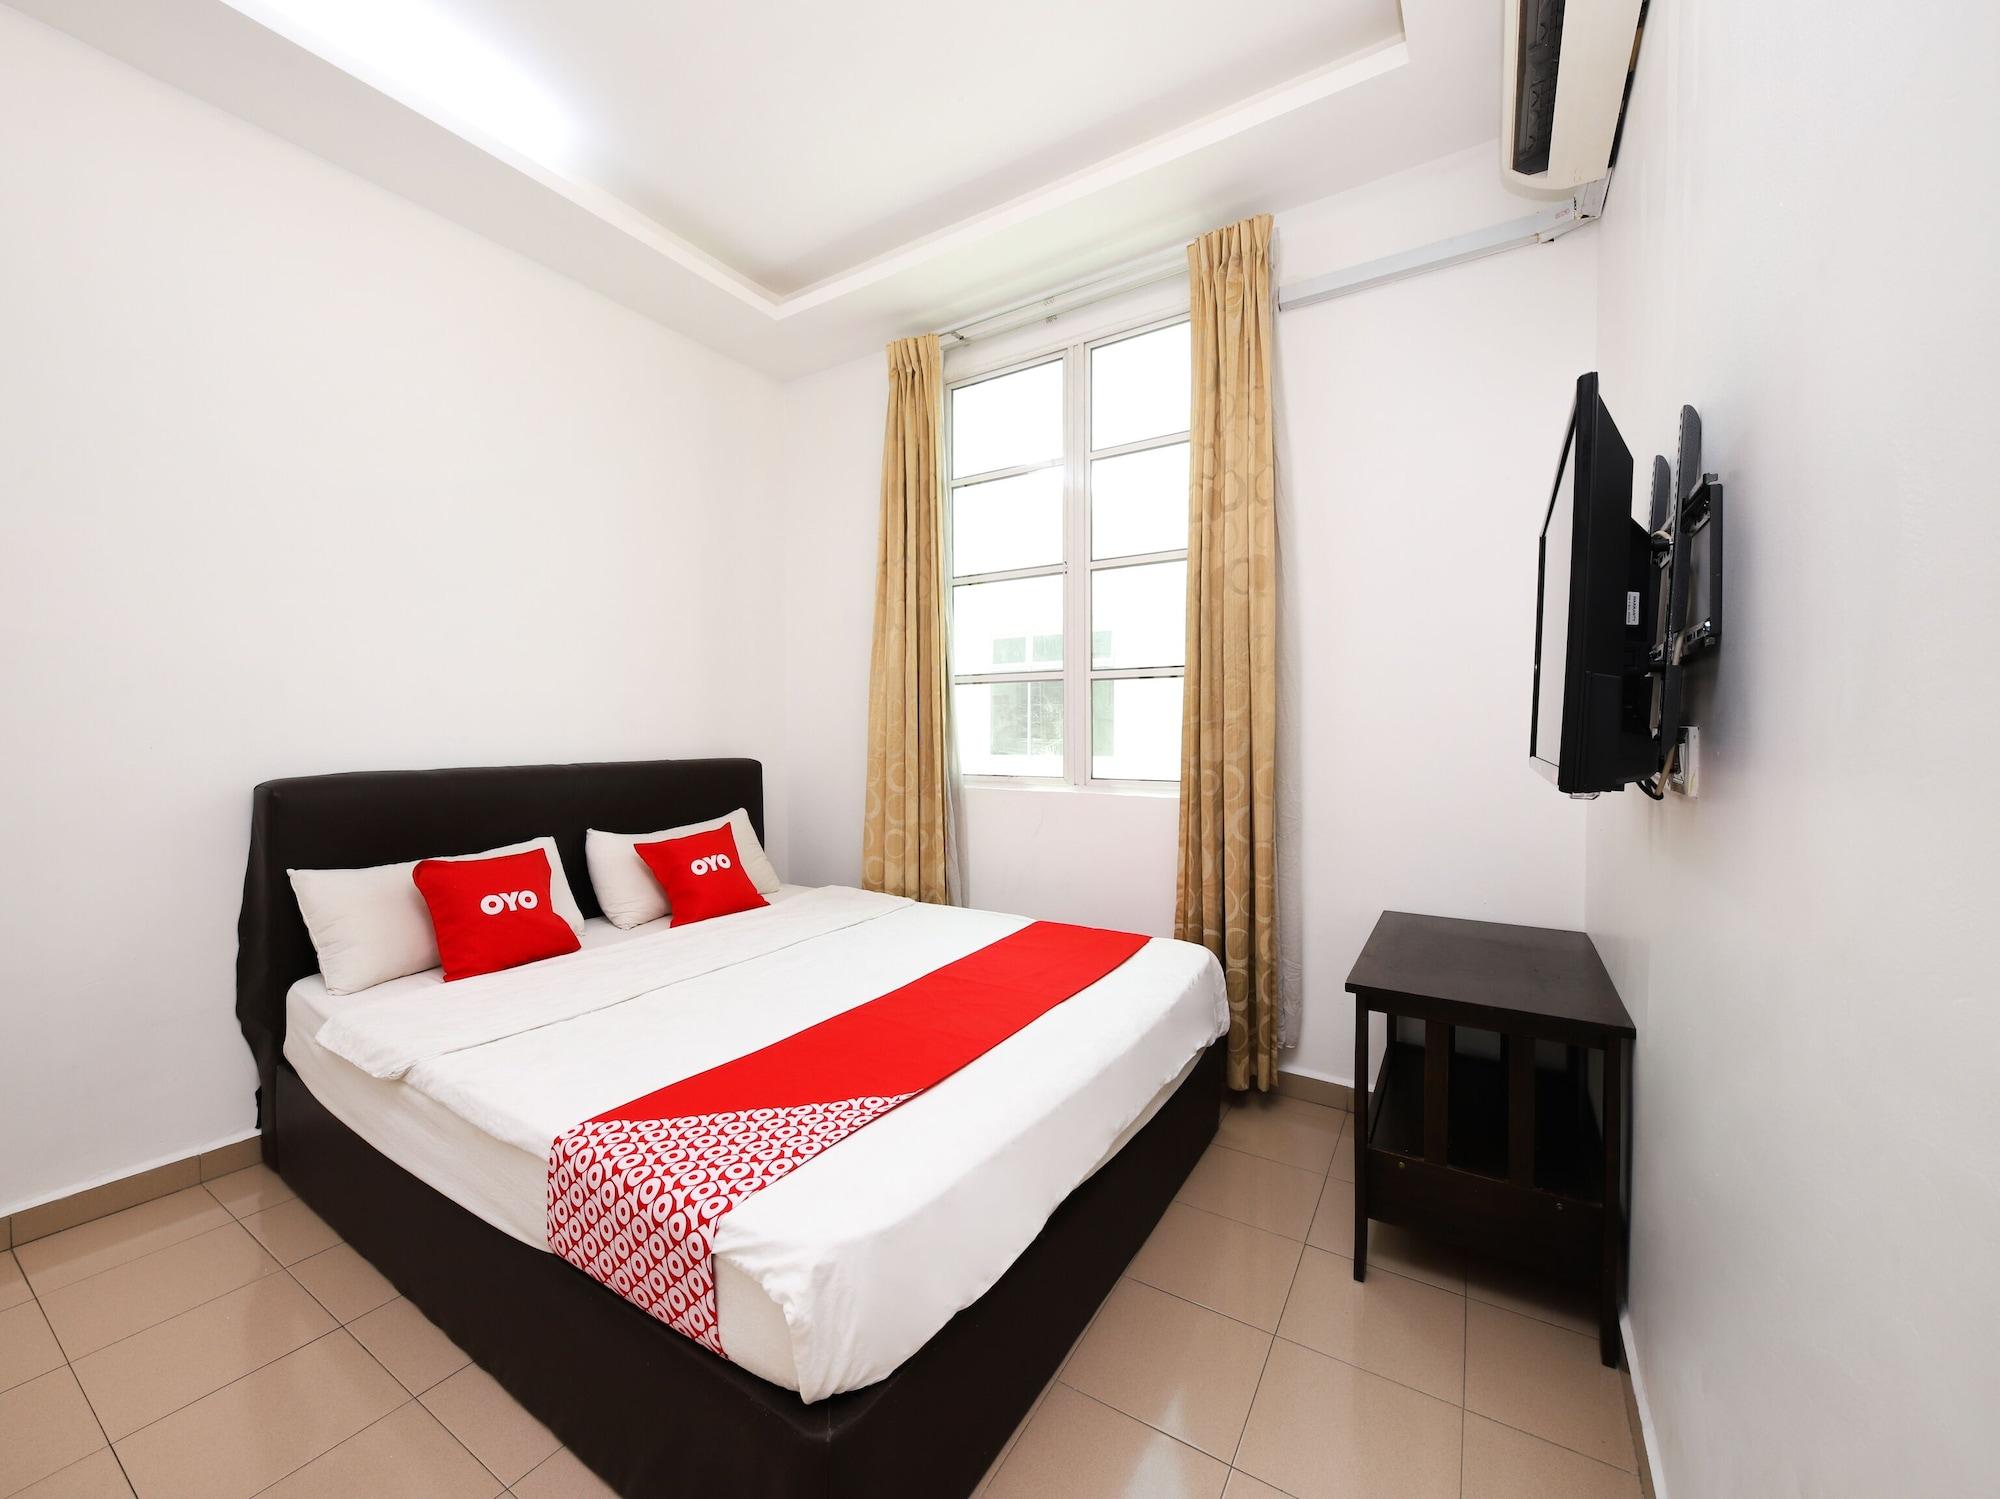 OYO 89705 Nexus Hotel, Alor Gajah